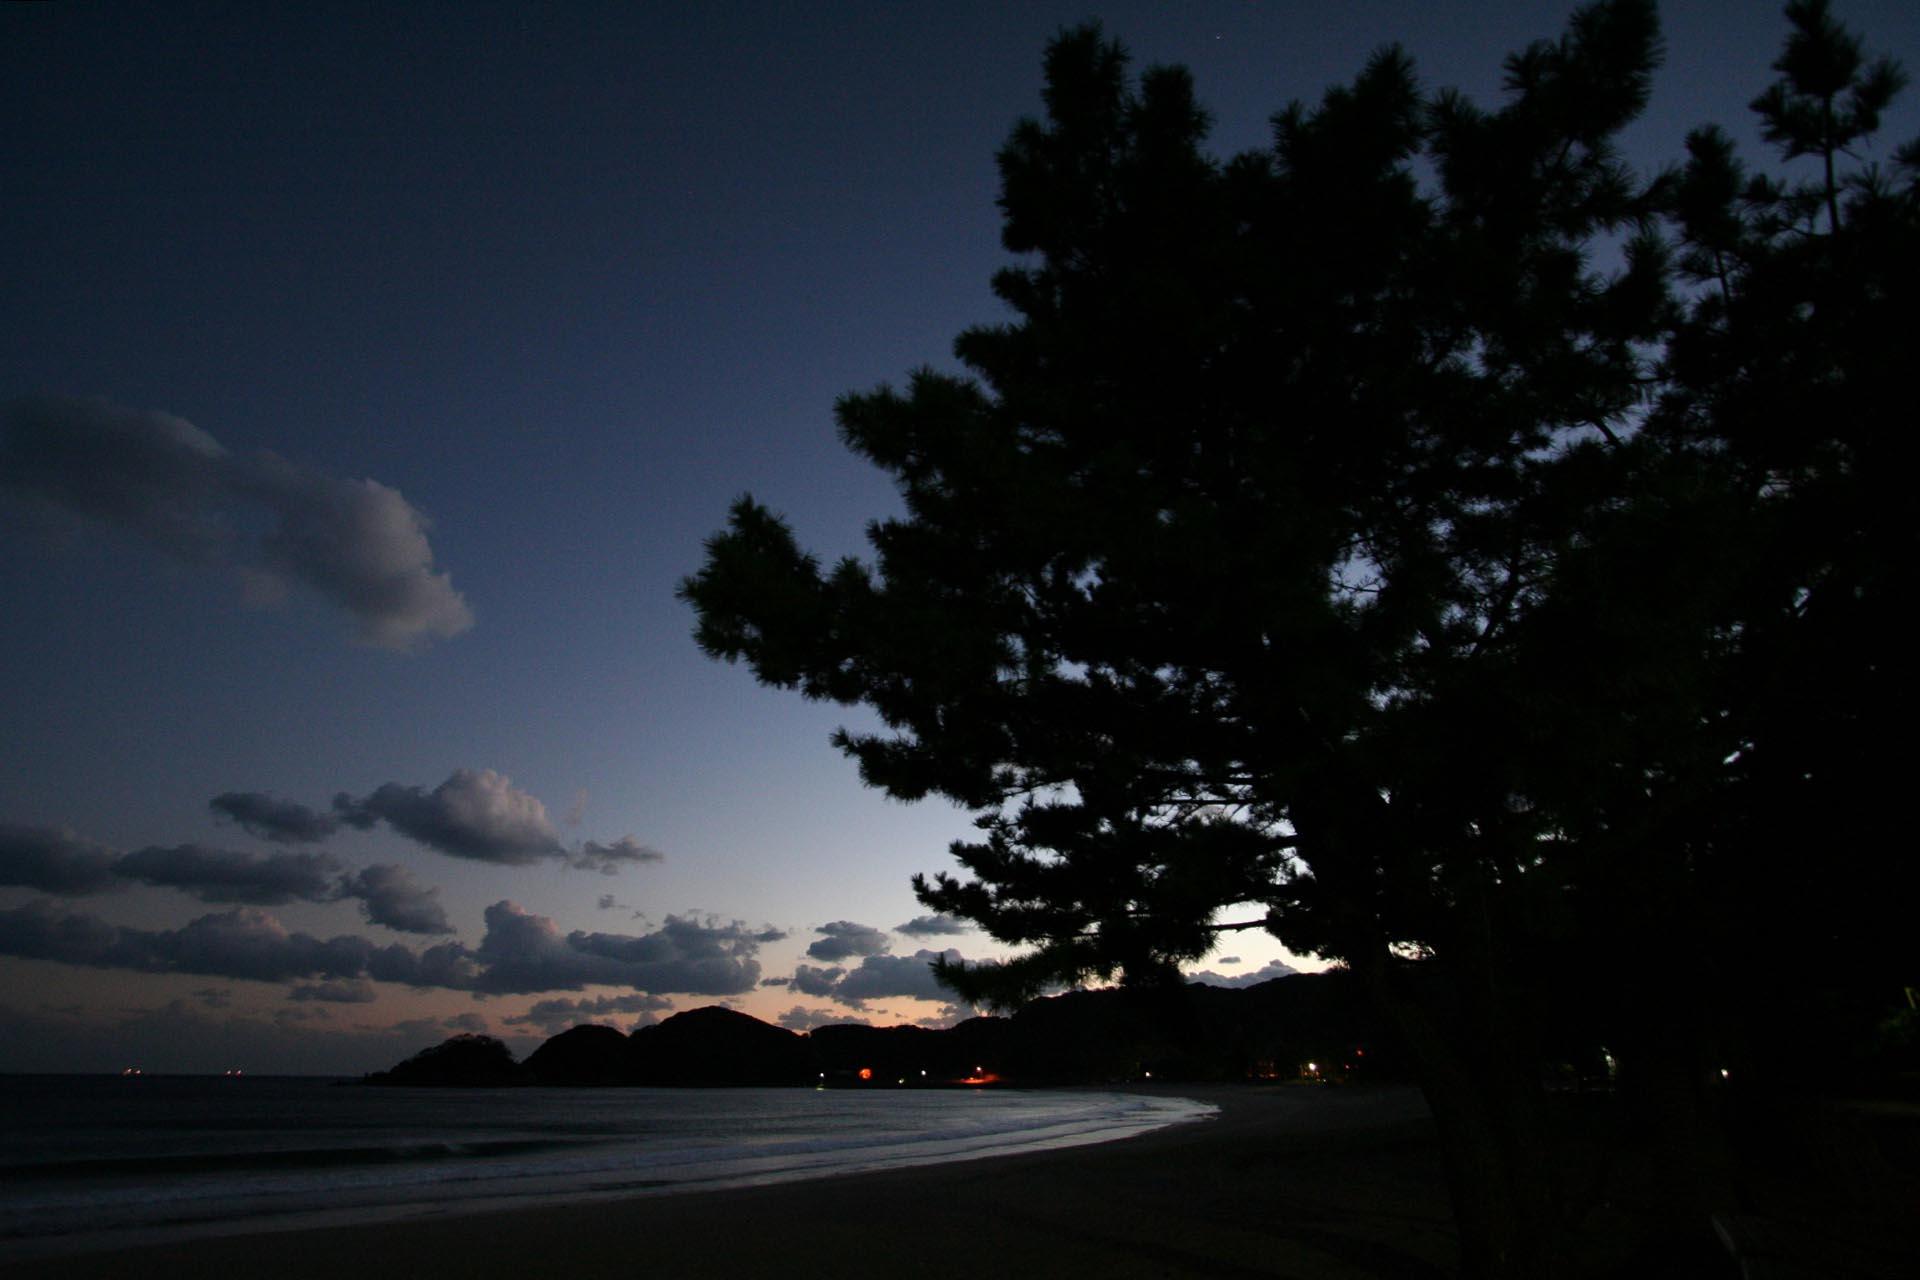 夕暮れの弓ヶ浜 伊豆下田 静岡の風景